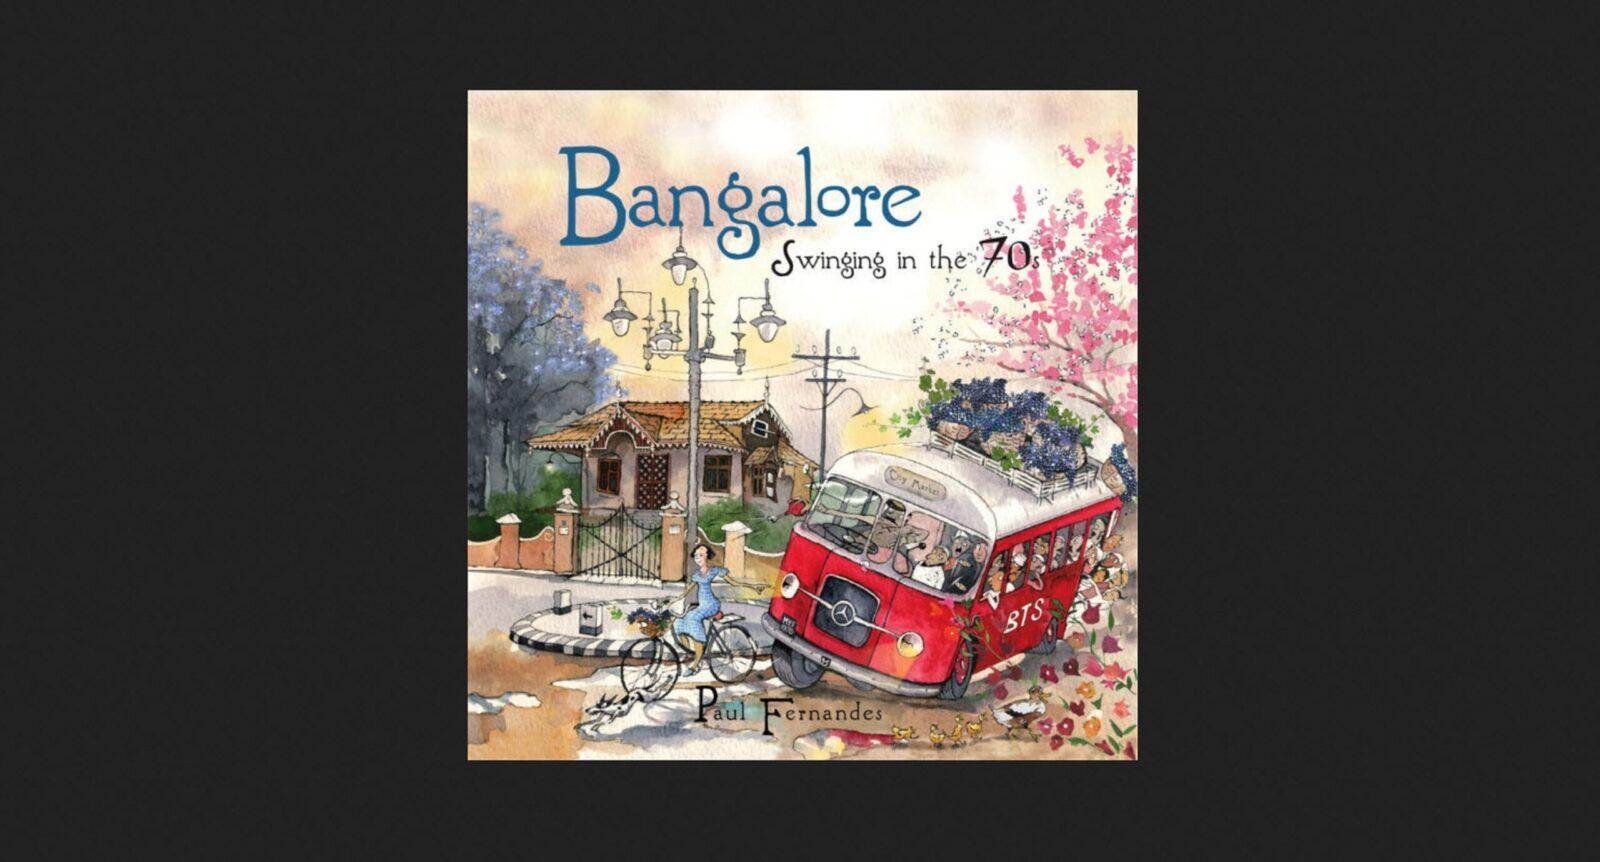 Bangalore Paul Fernandes